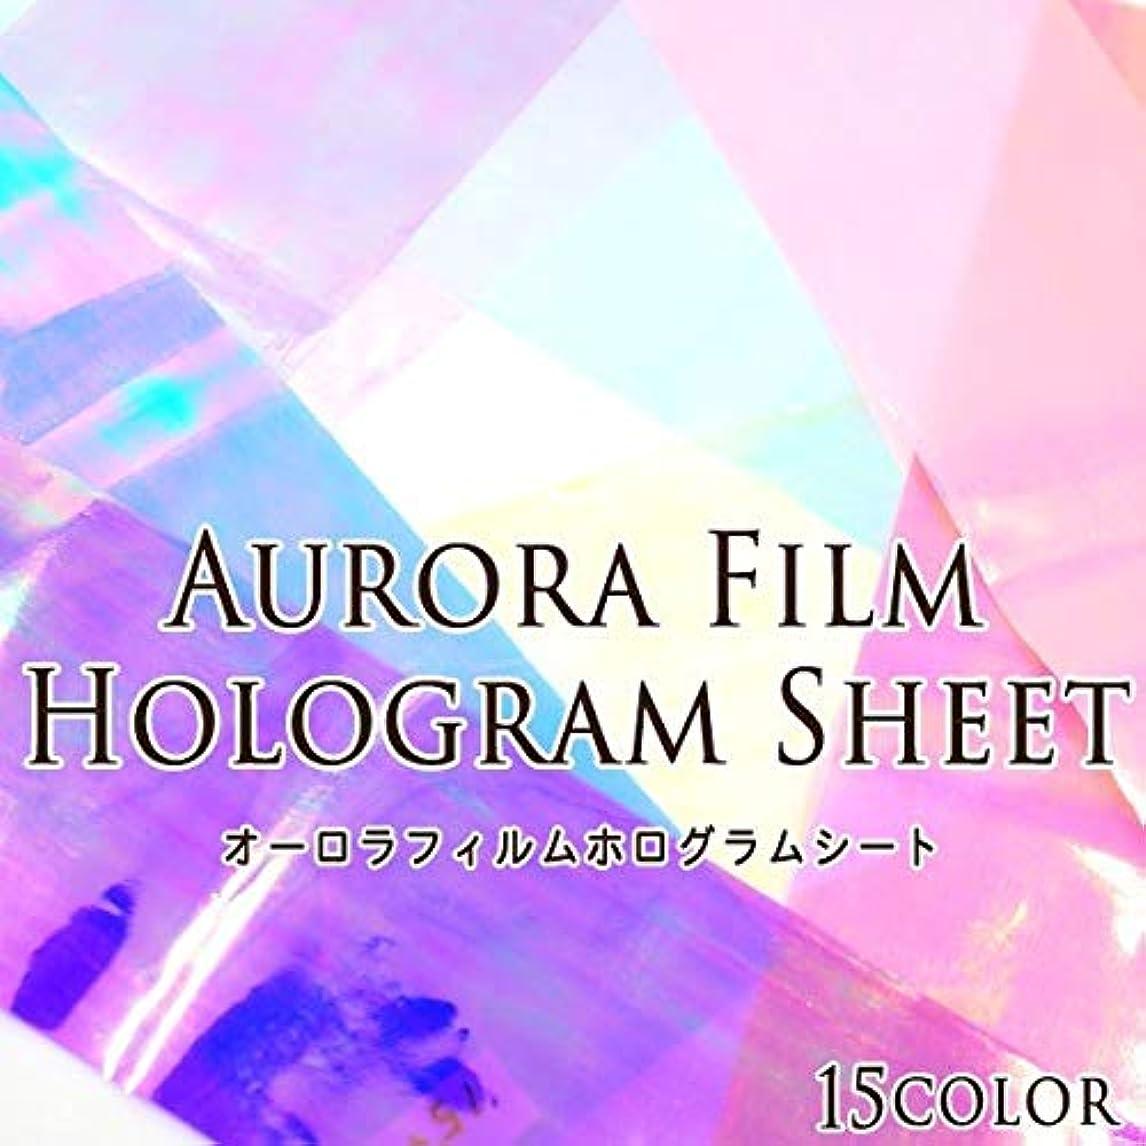 差し迫った曲線第オーロラフィルム ホログラムシート 1枚入 (3.クリアブルー 5#)